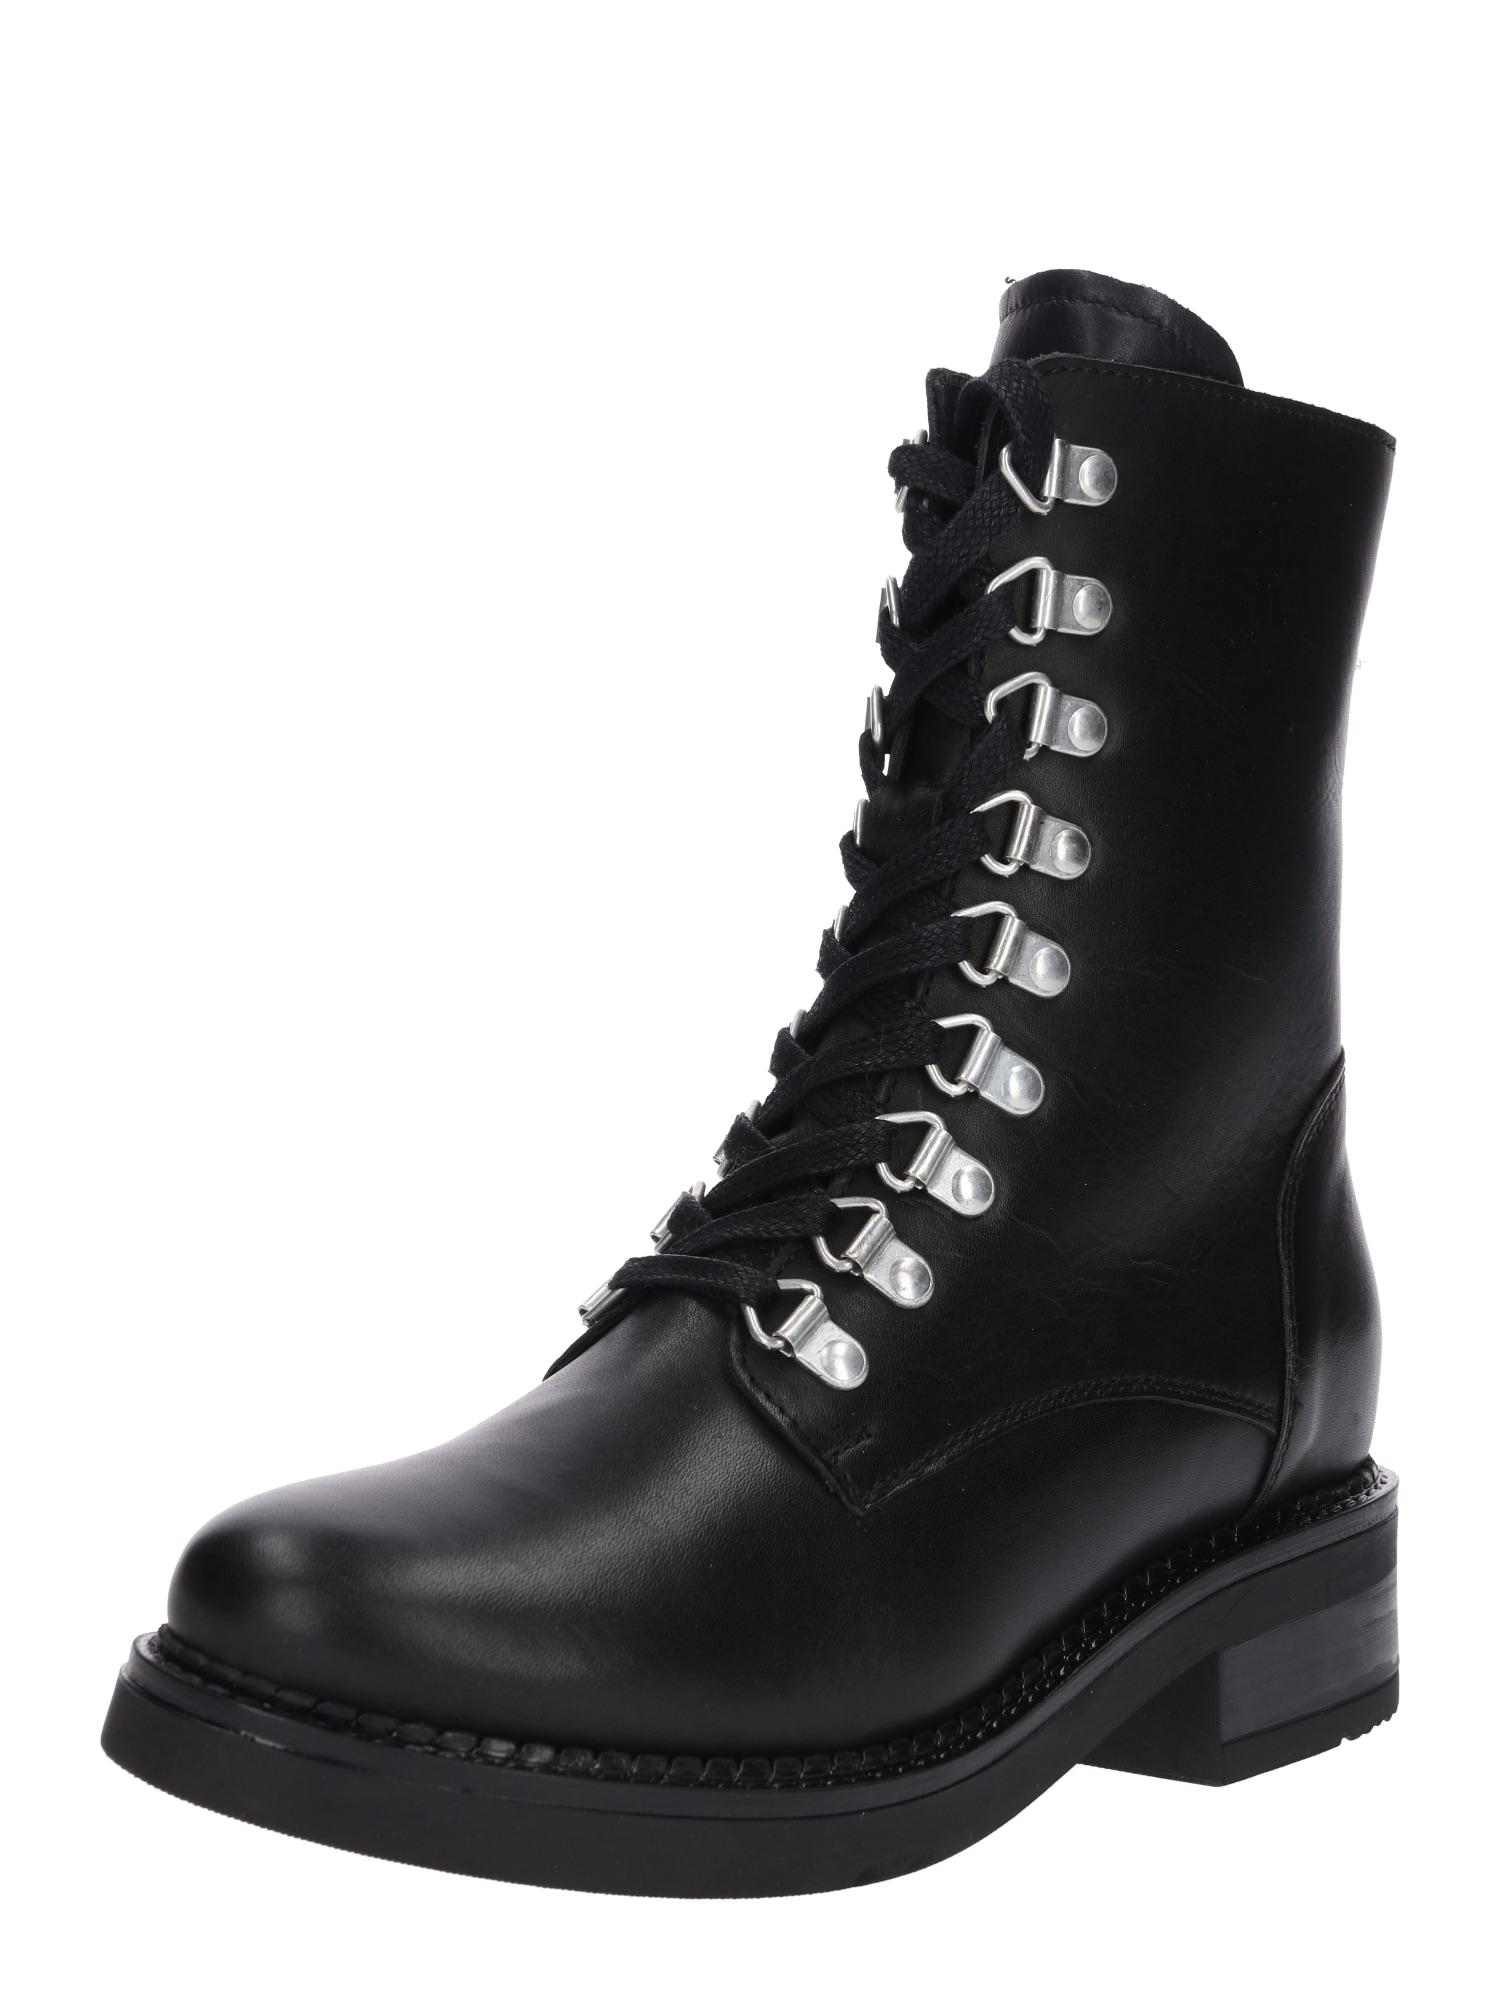 Šněrovací boty 16322-BL733 černá stříbrná Zign